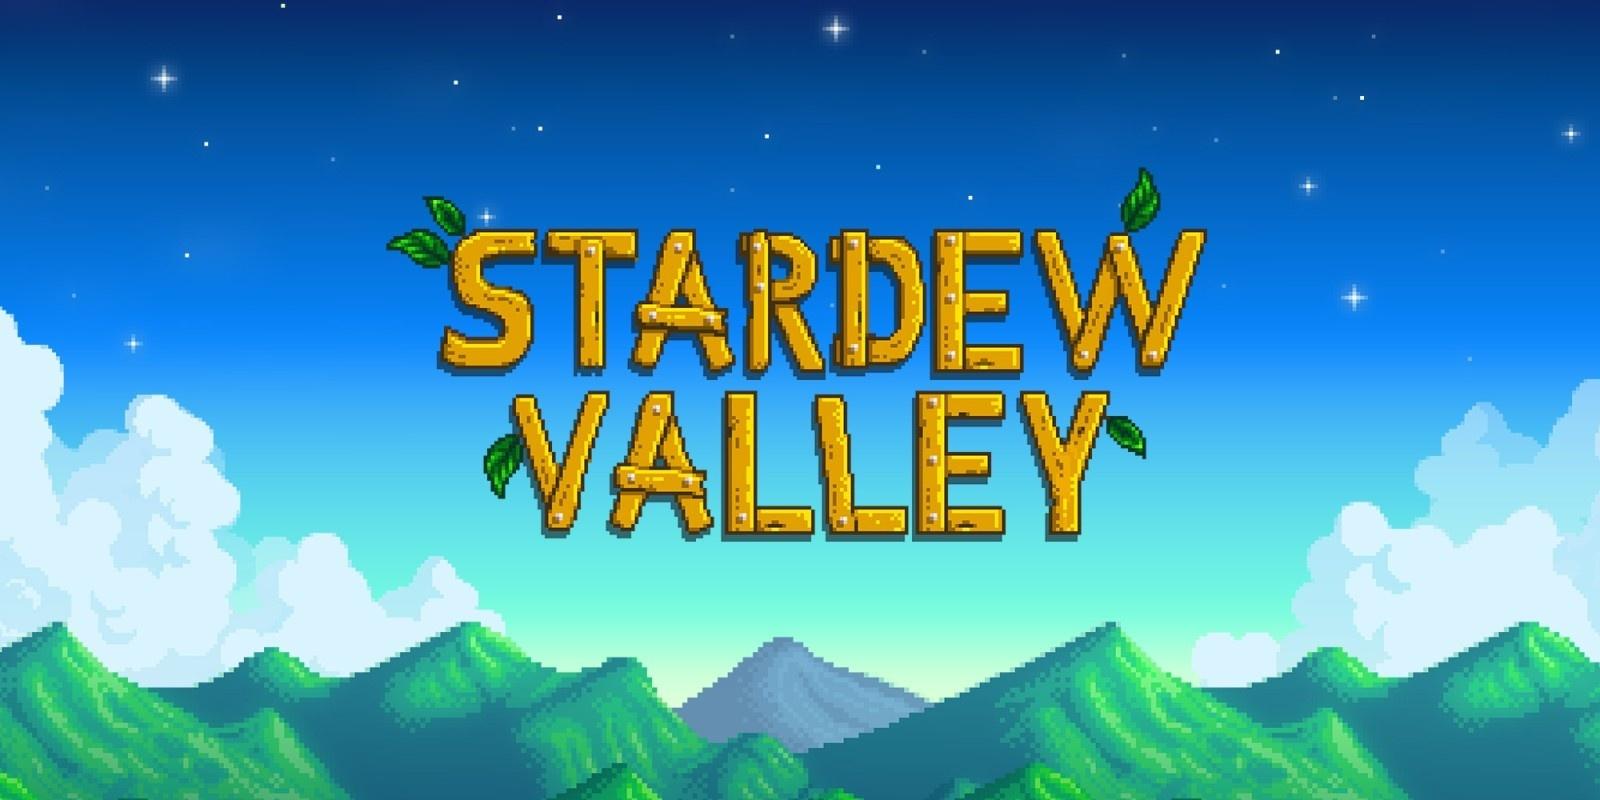 stardew valley giveaway 2019